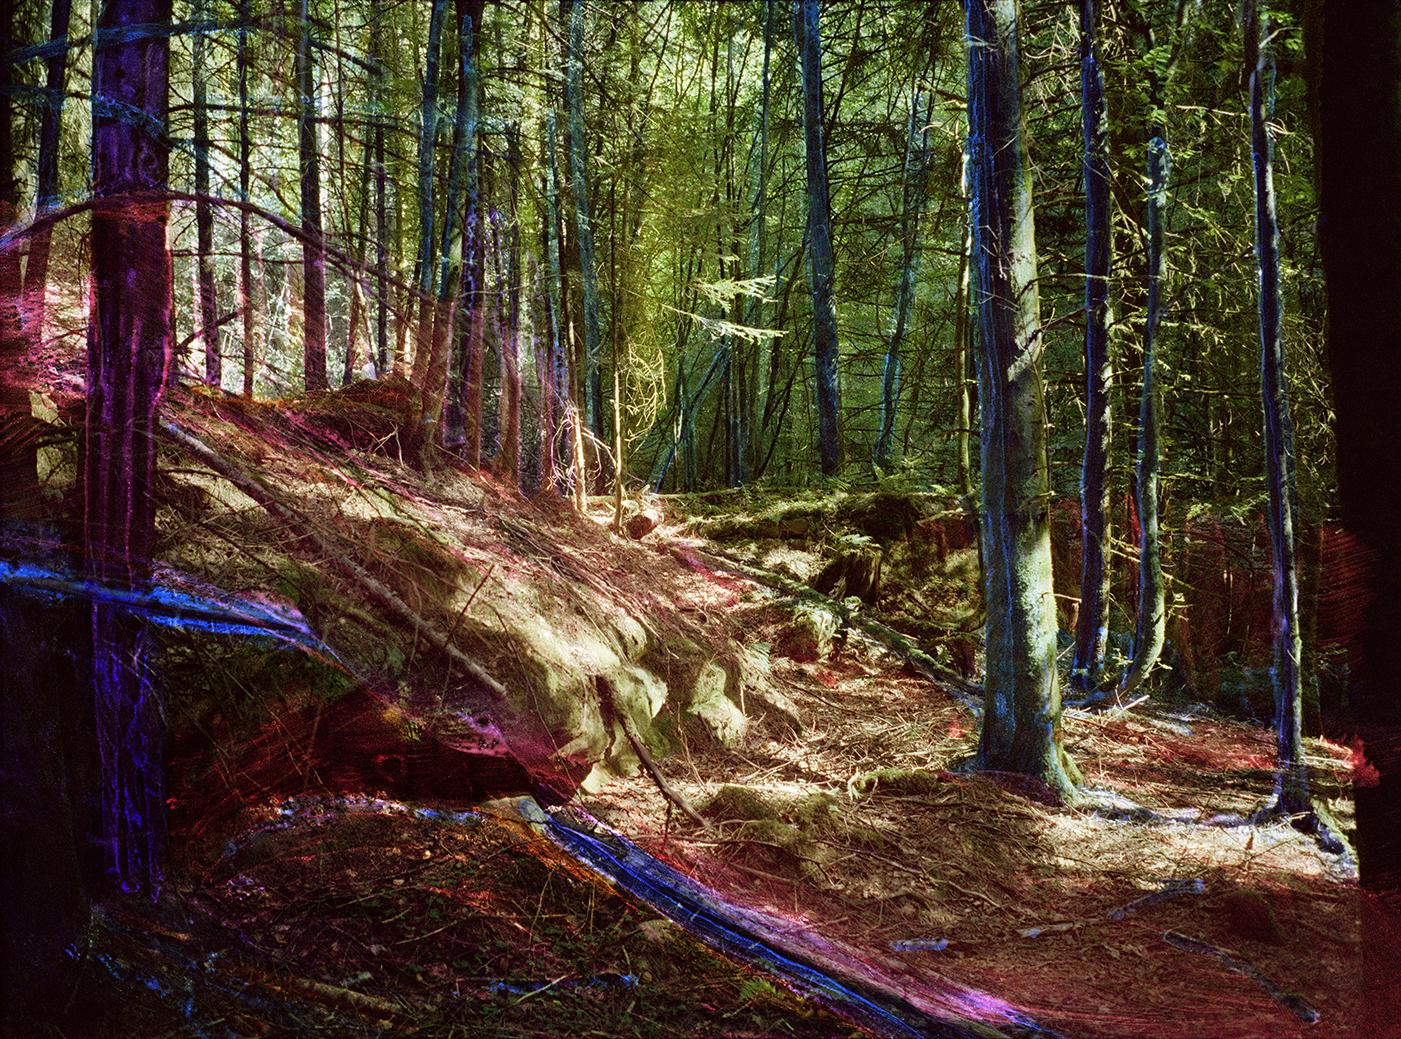 Ceci n'est pas une forêt, France 2020 / the Netherlands 2021